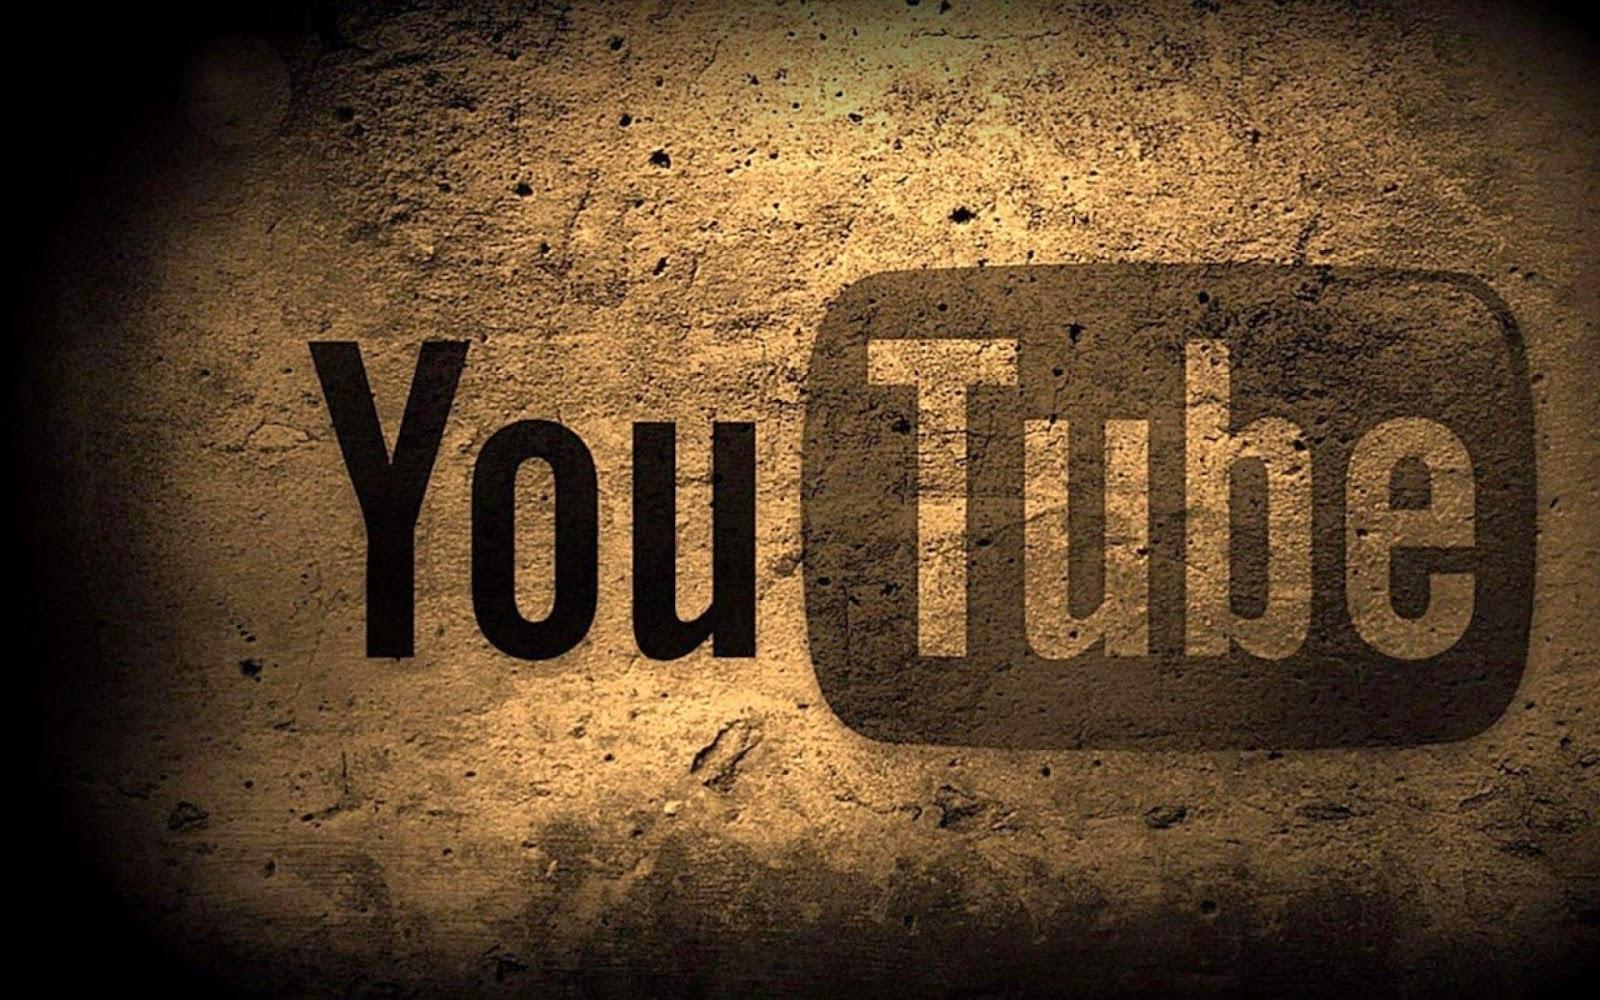 بالصور خلفيات يوتيوب , اجمل خلفيات روعه لليوتيوب 1092 9